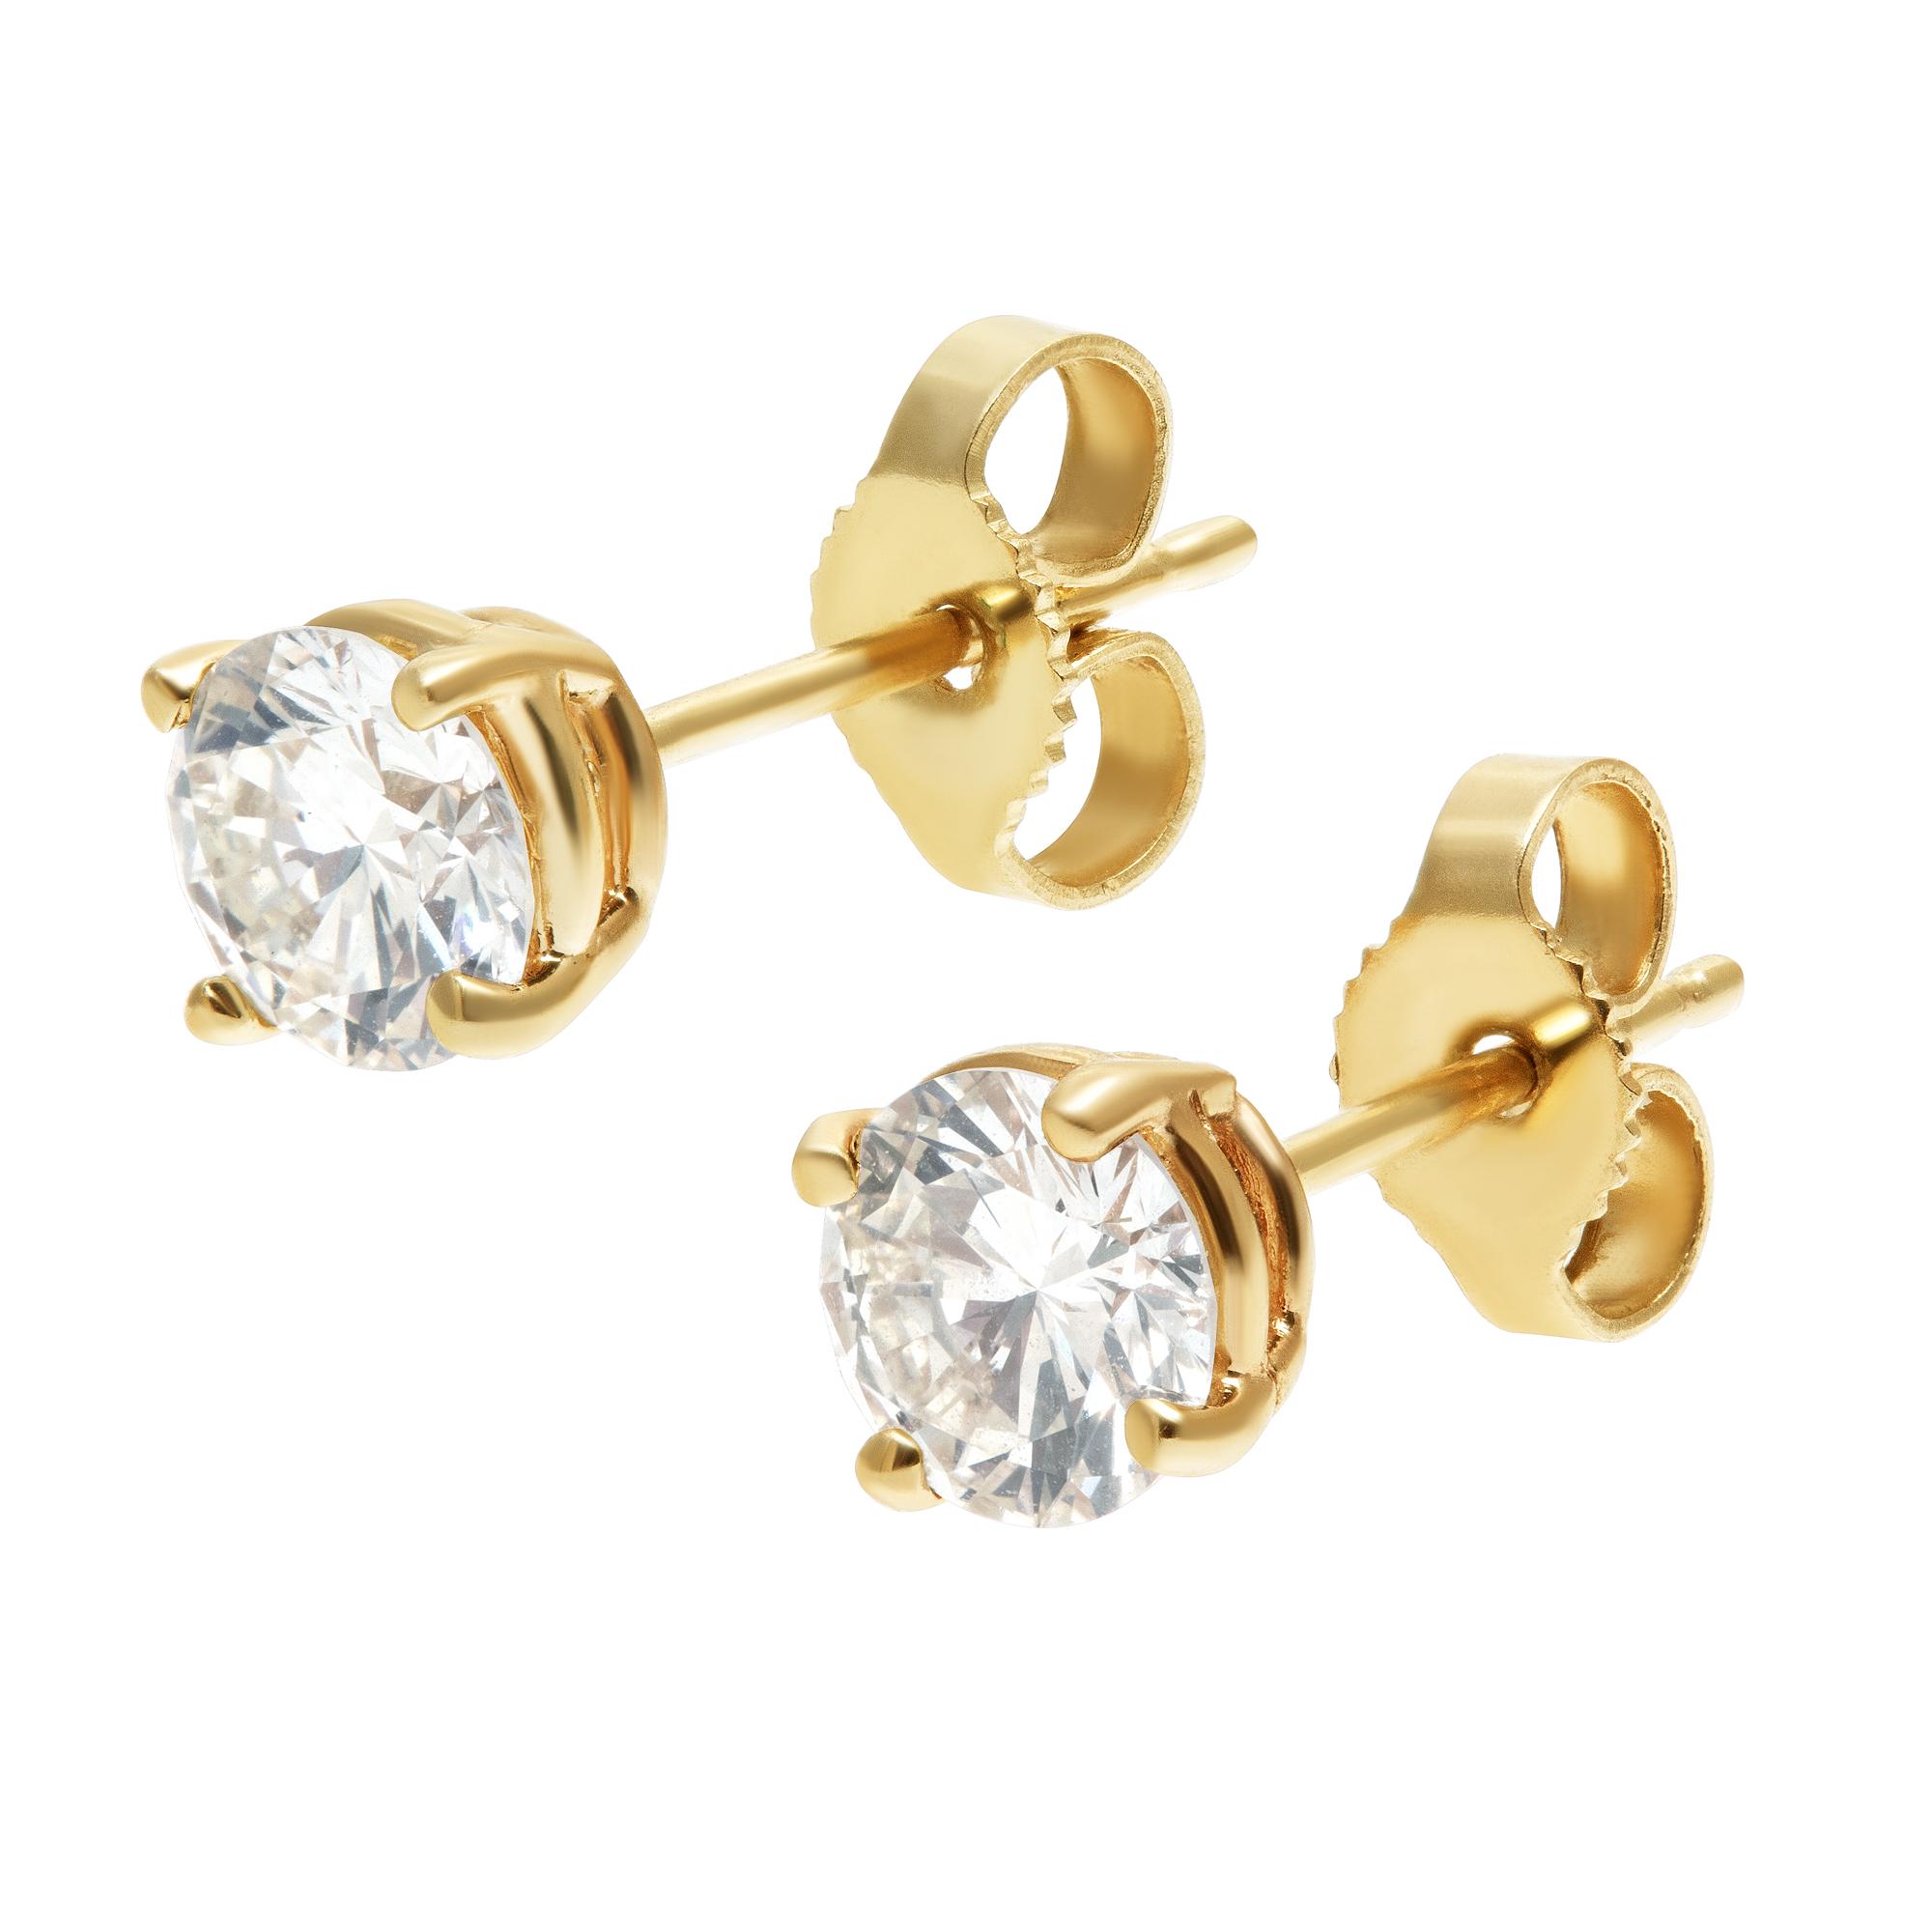 We Buy Diamond Earrings